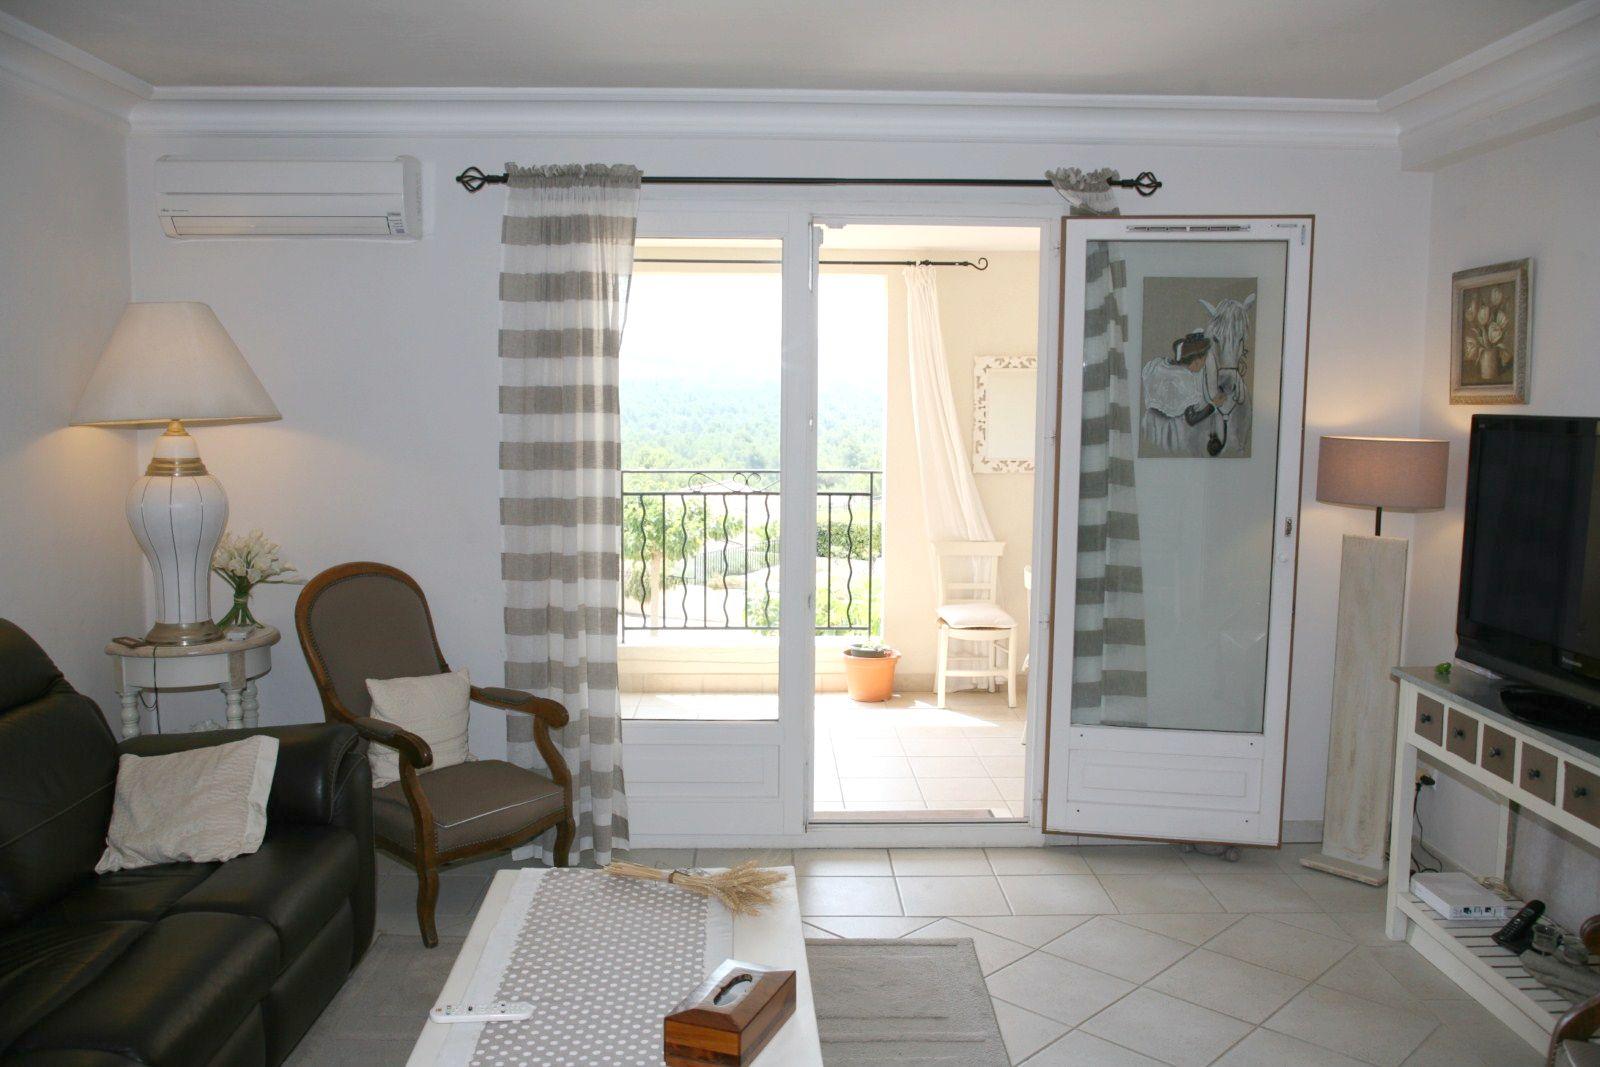 Appartement luxueux de deux chambres dans le domaine for Cherche appartement avec terrasse